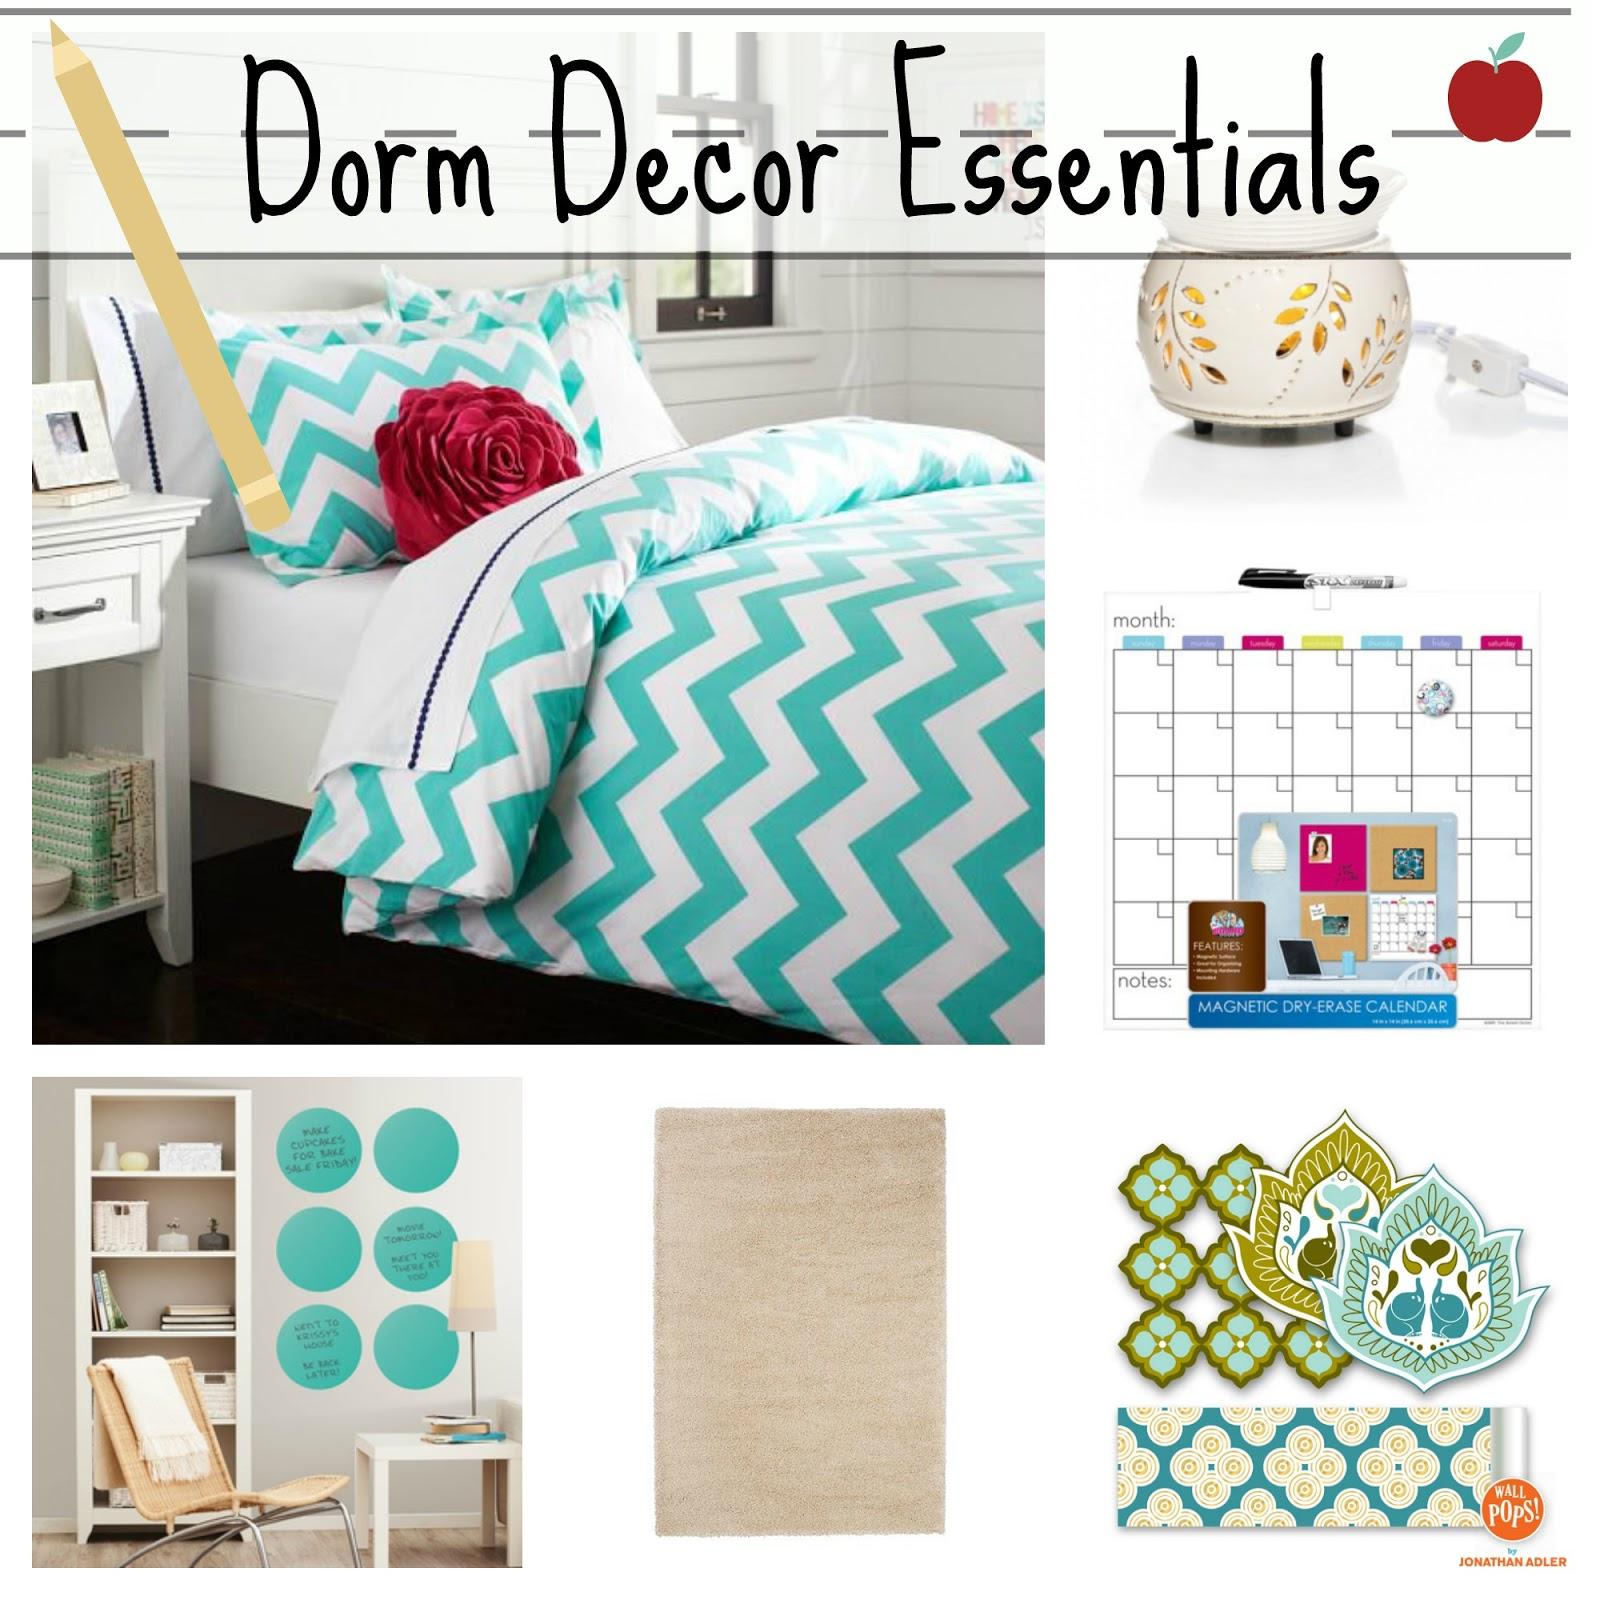 The beauty diyer dorm decor essentials for Room decor essentials